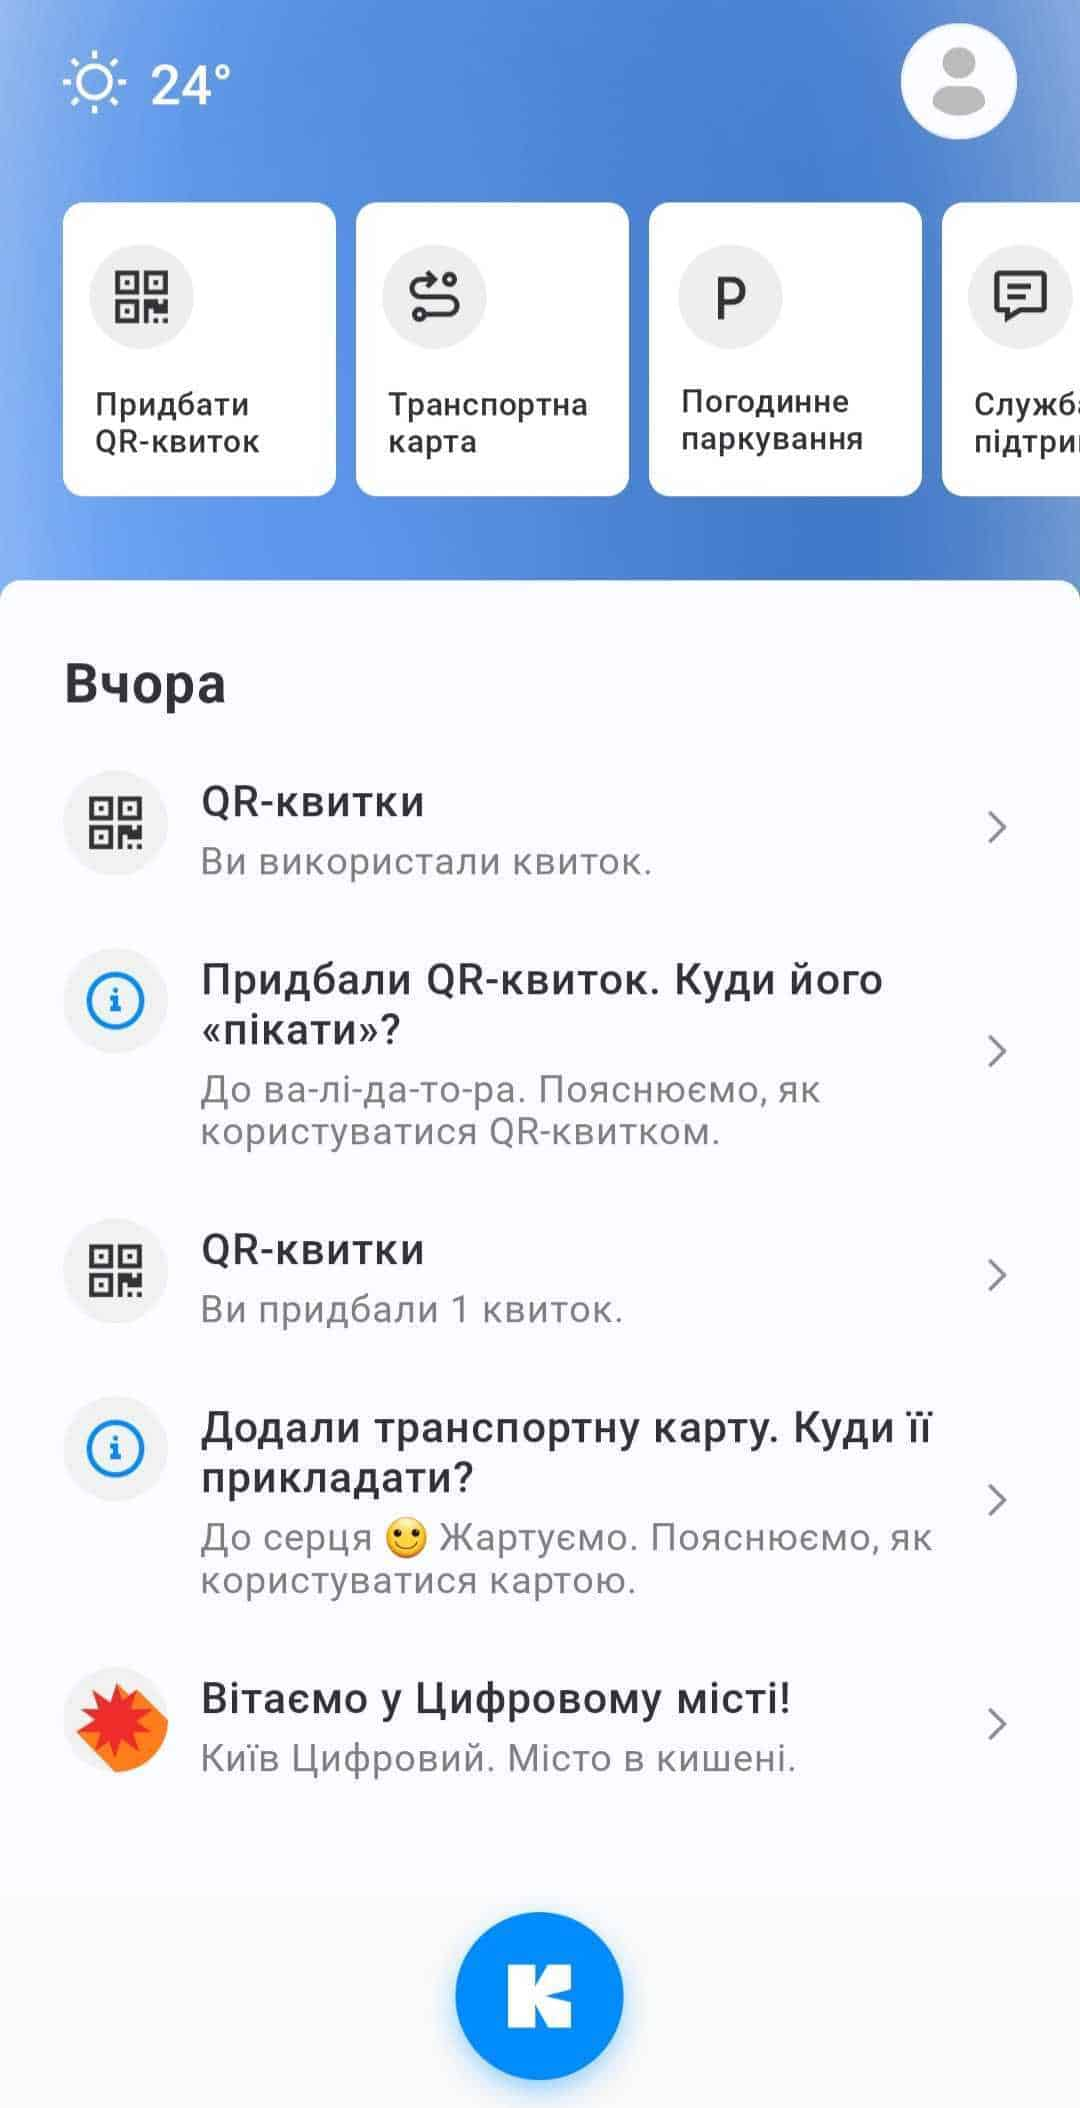 Мобильное приожение Київ Цифровий